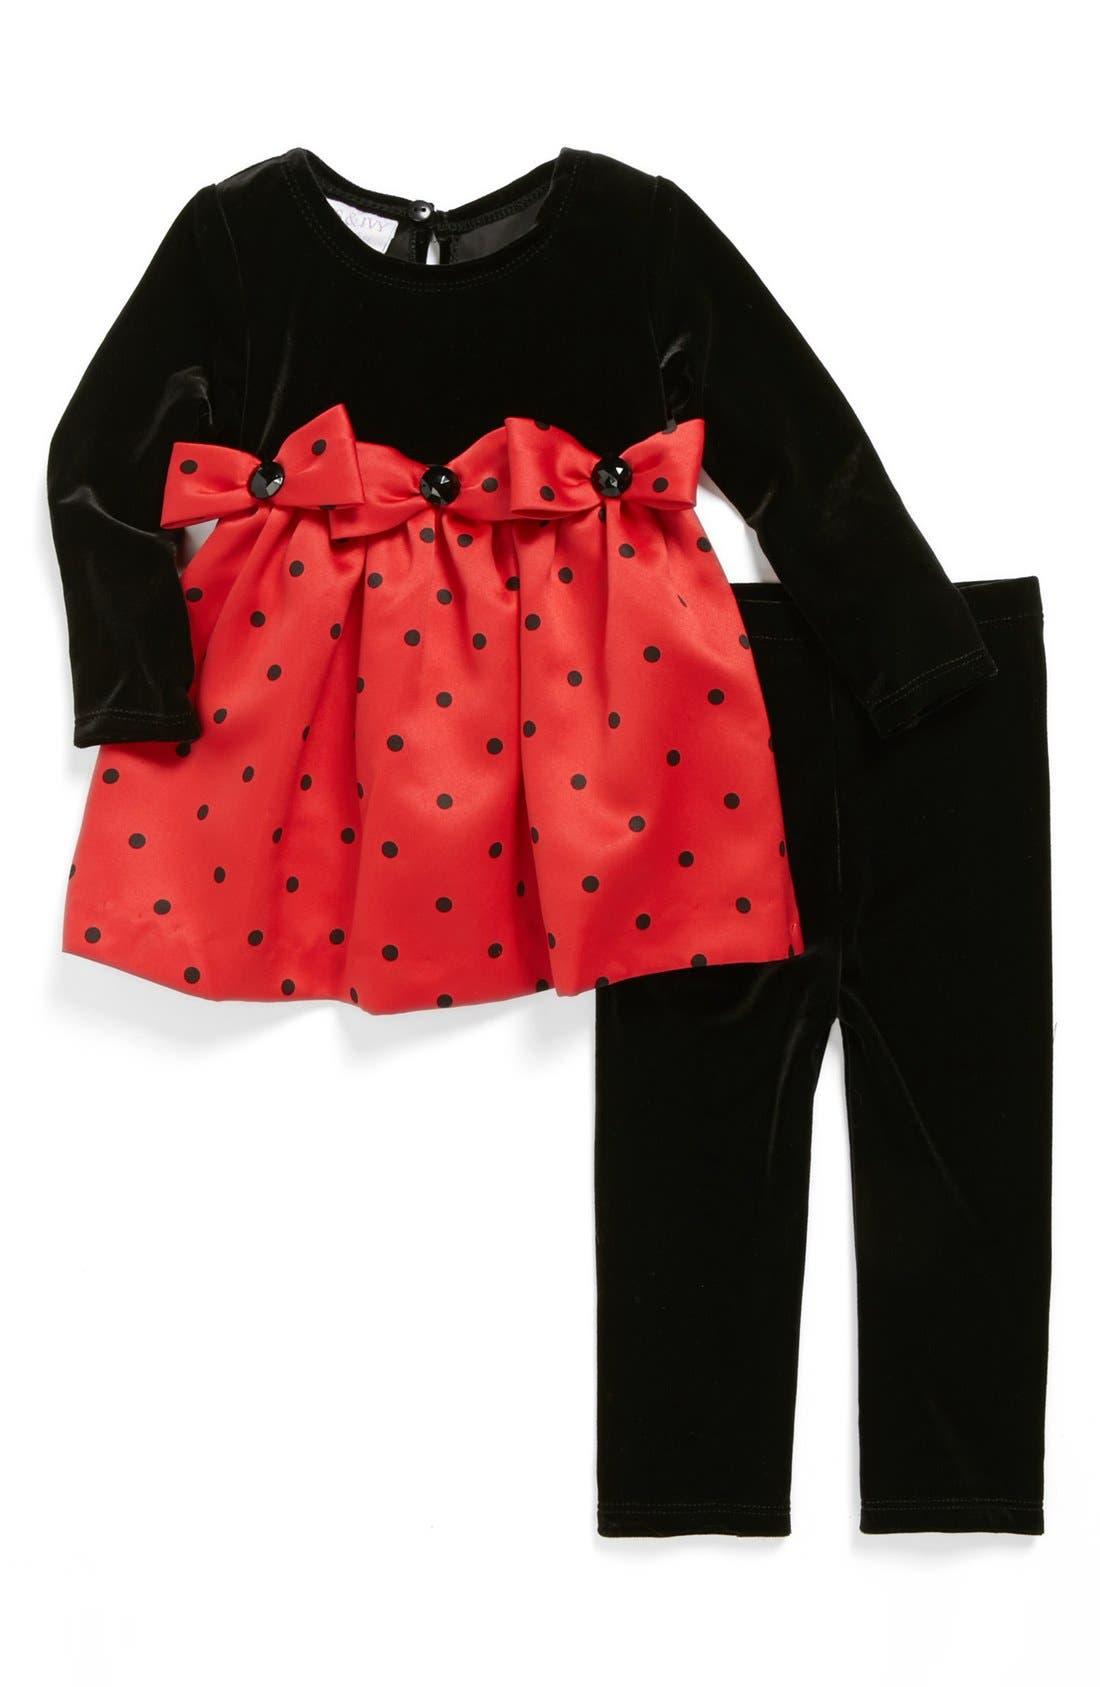 Main Image - Iris & Ivy Polka Dot Bow Top & Leggings (Baby Girls)